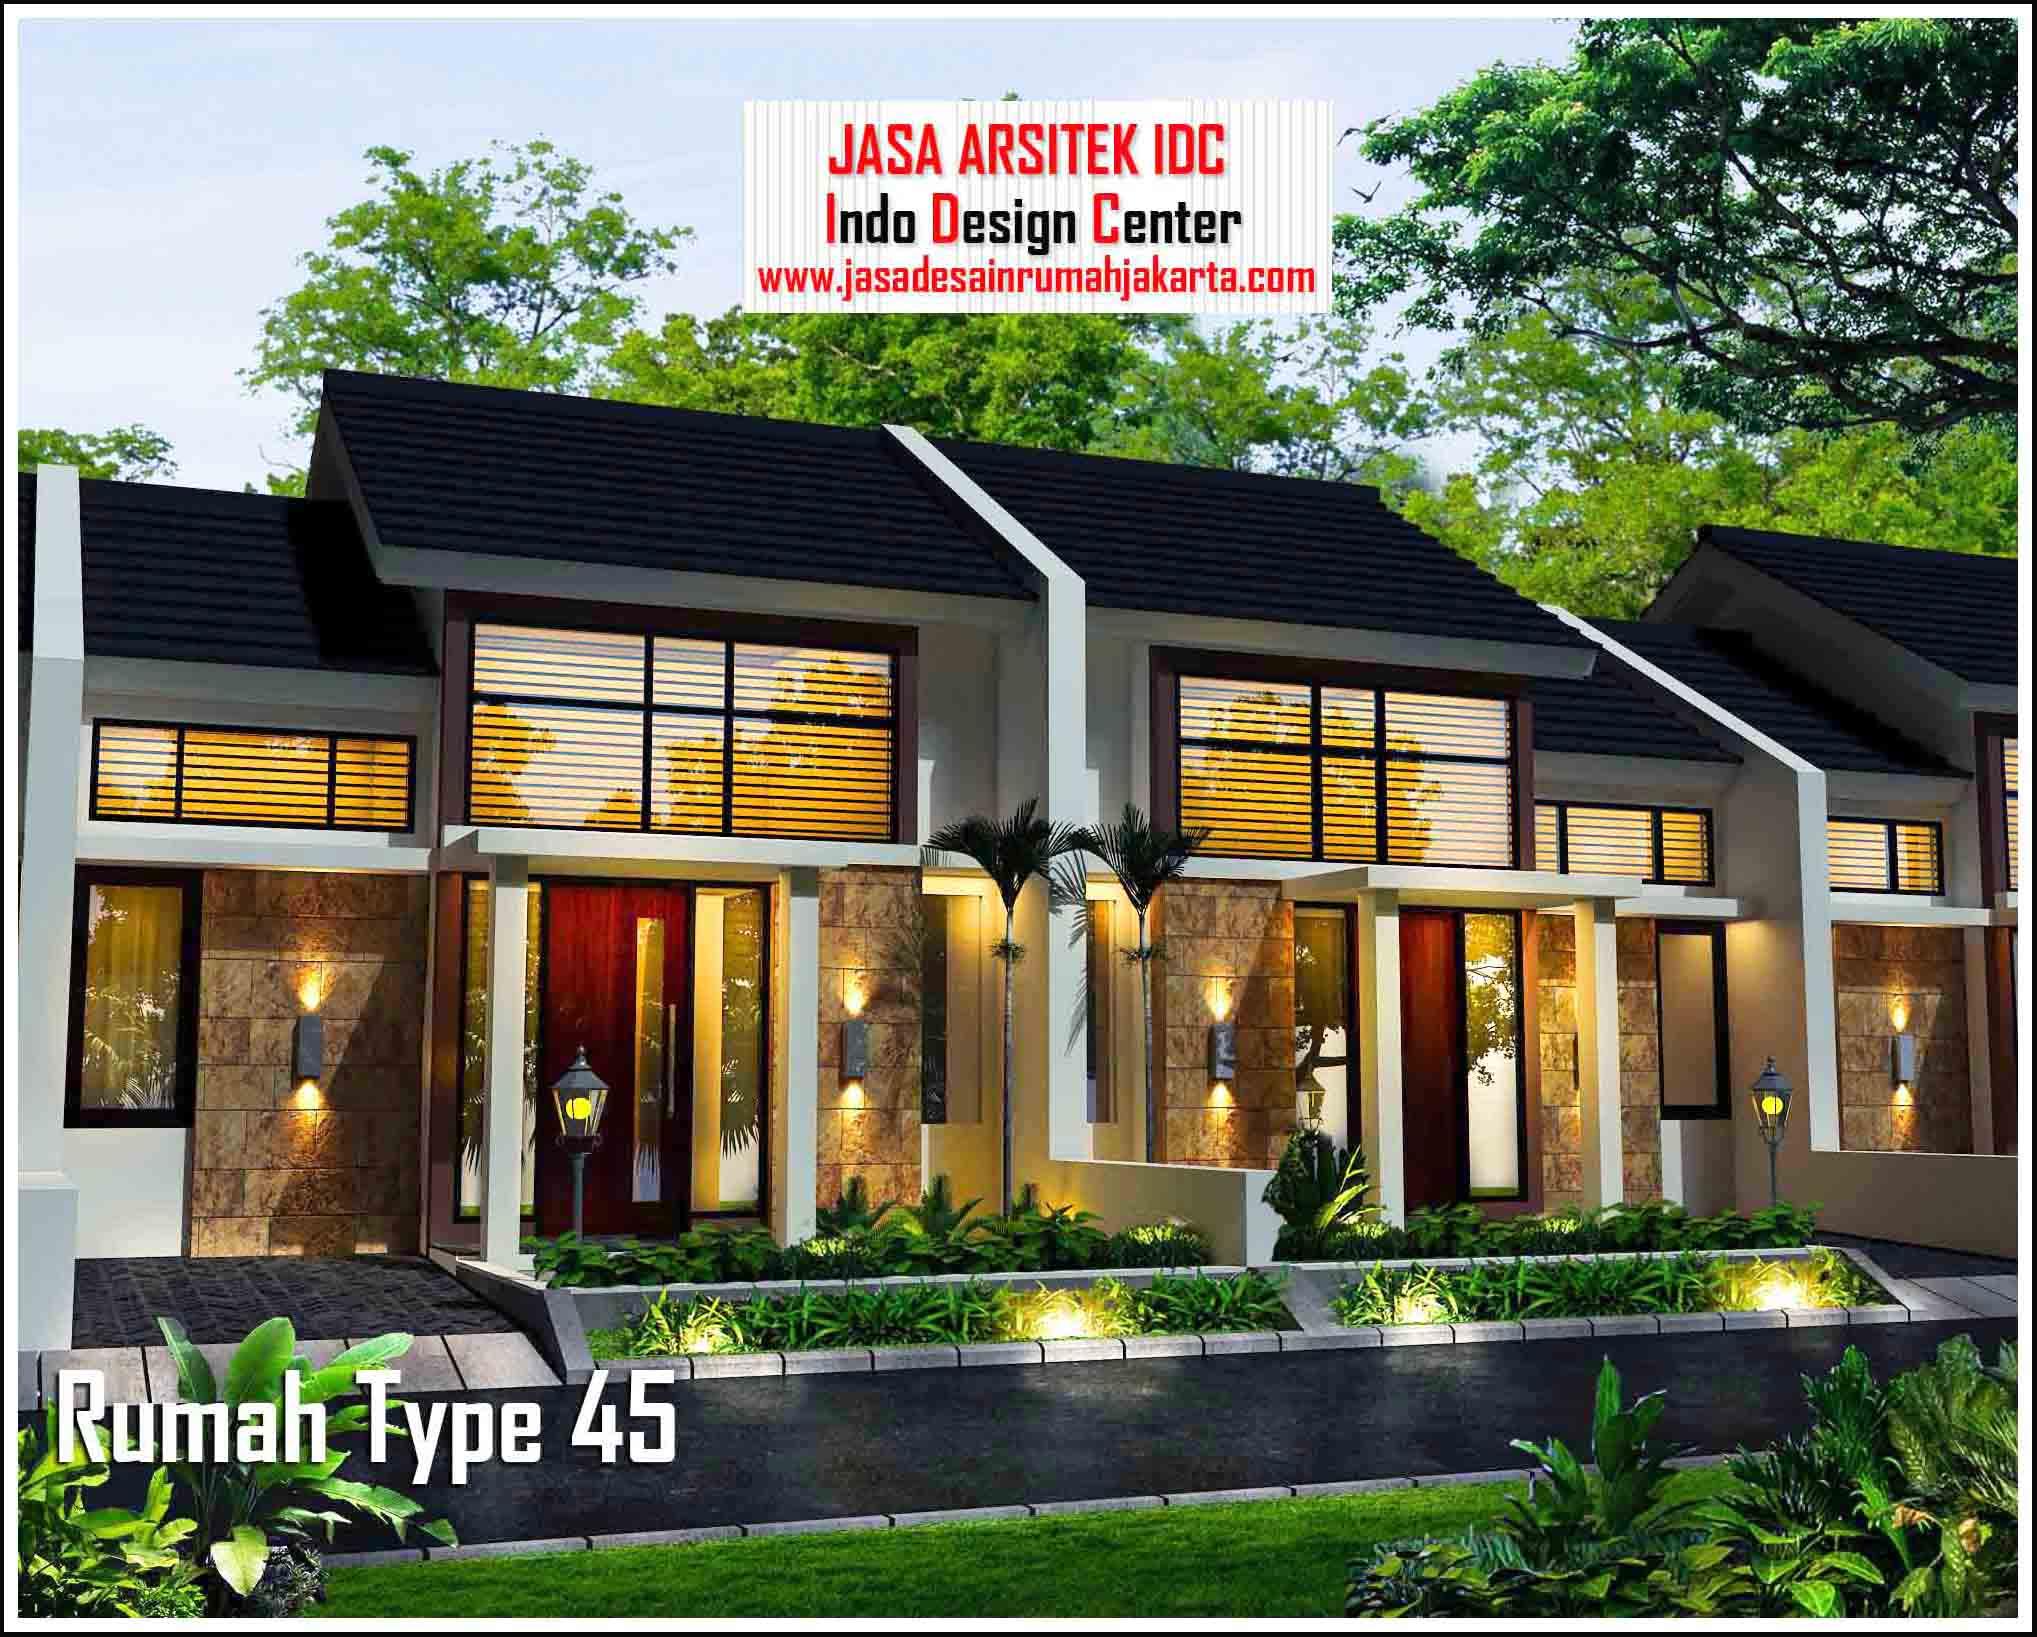 Jasa Desain Rumah Minimalis Terbaru 2018 Arsip Jasa Desain Rumah Jakarta Jasa Gambar Rumah Jasa Arsitek Rumah Jasa Interior Rumah Jasa Renovasi Rumah Jasa Bangun Rumah Jasa Desain Rumah Minimalis Murah